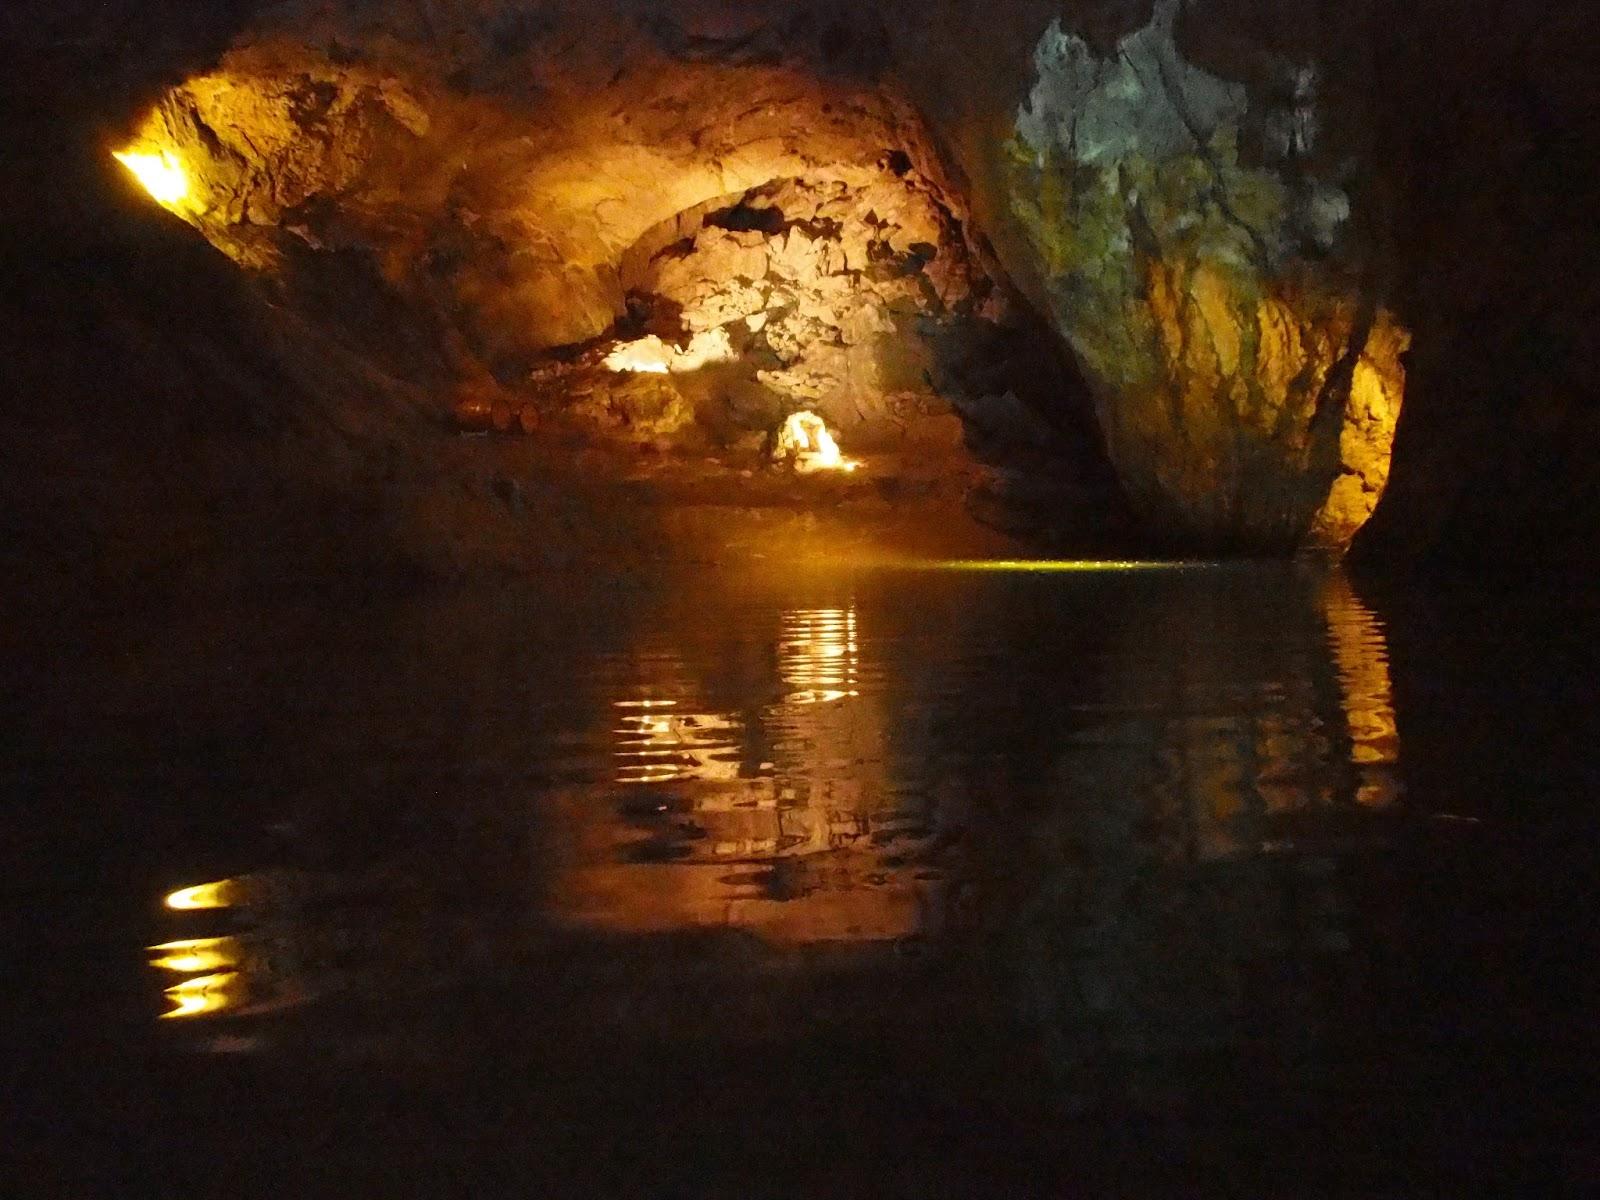 фотографии подземного озера москвы продаже модульные стенки